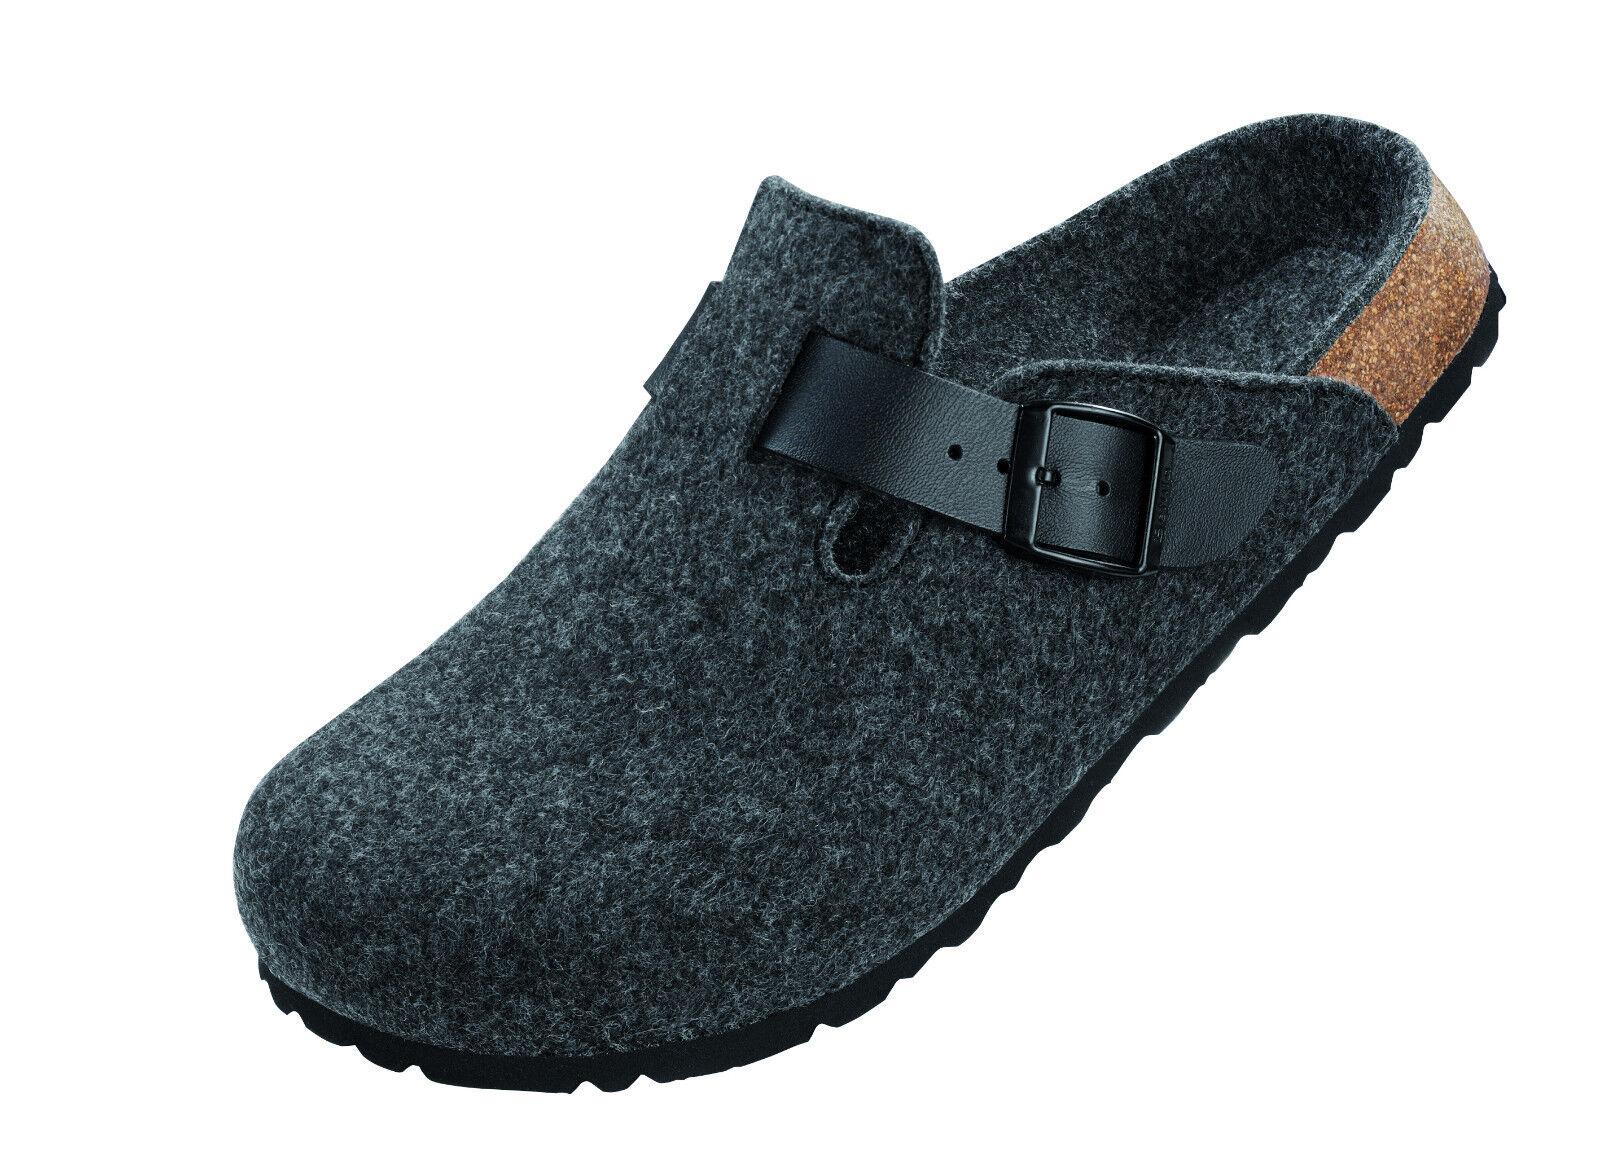 Schuhe BETULA Filzpantolette ROCK 174763, Dunkelgrau, Weichbett, Größen wählbar